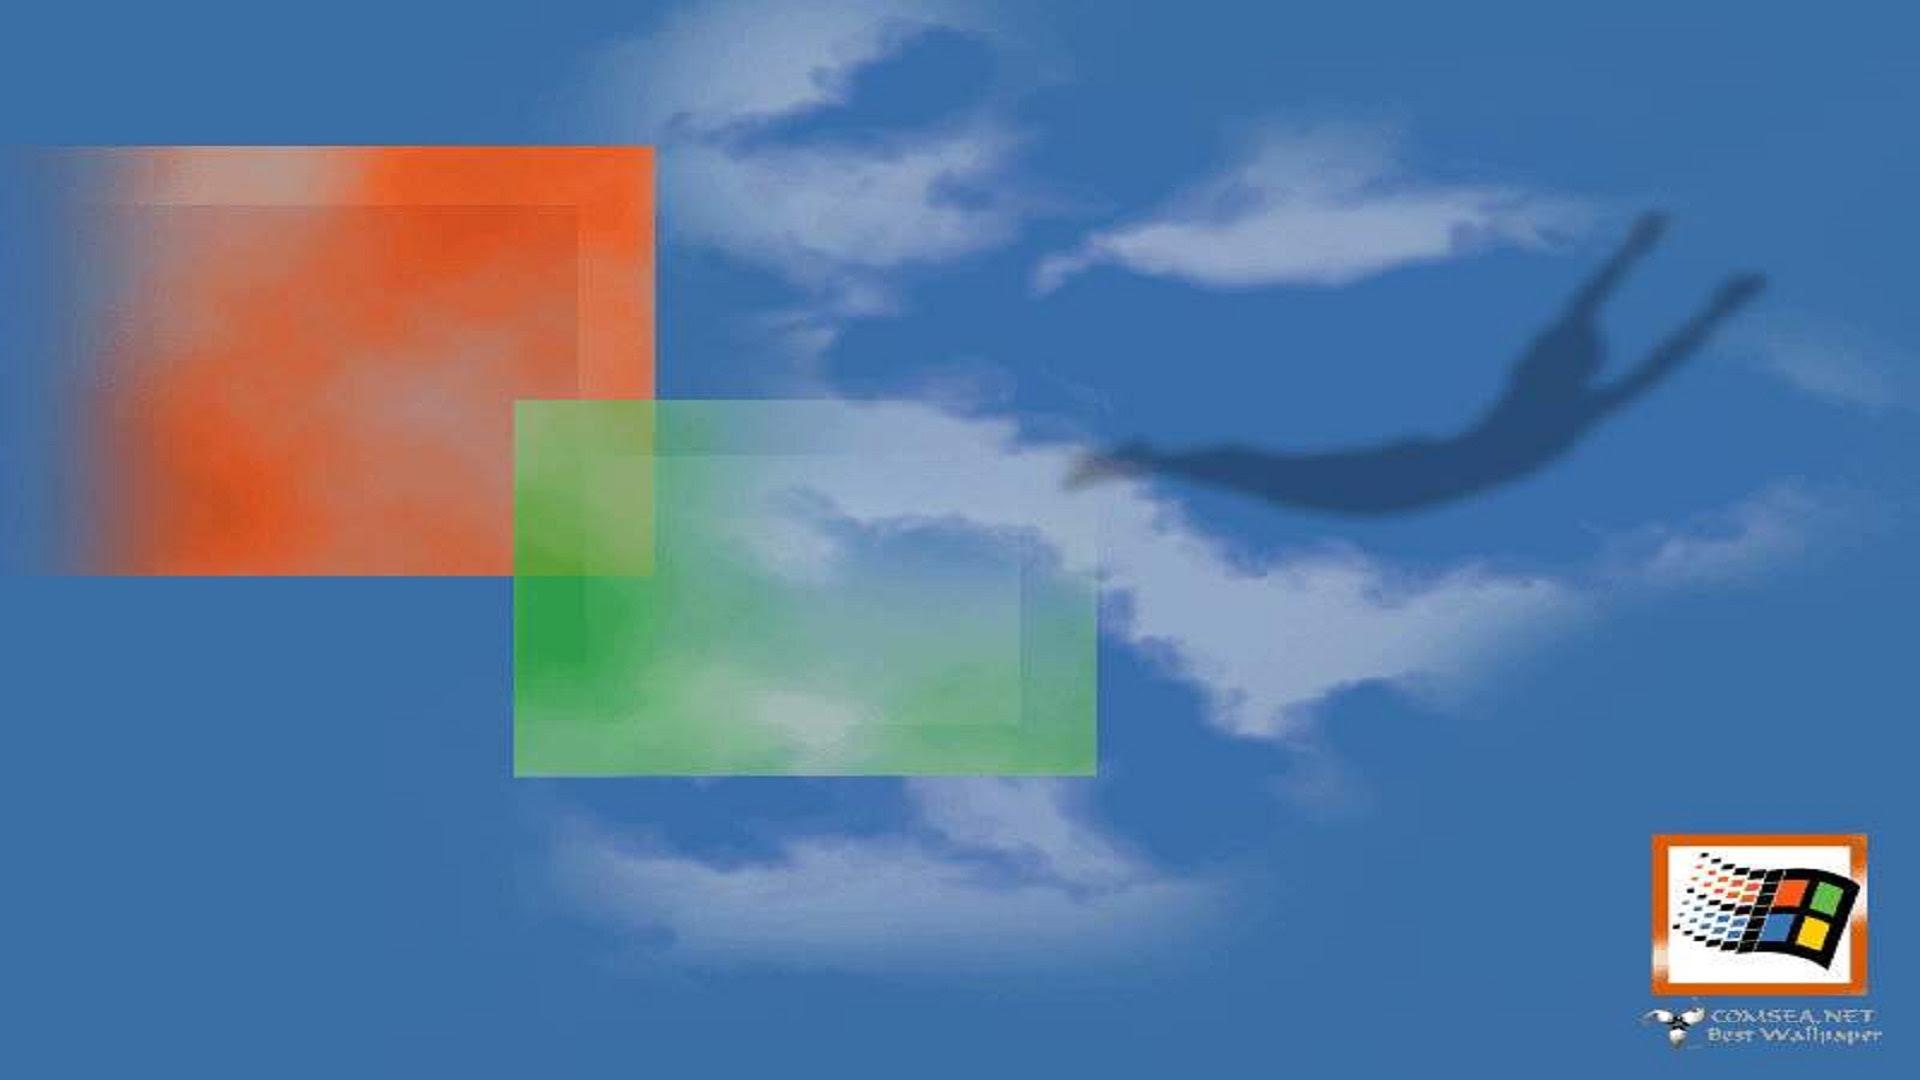 ETC_18[1920*1080]